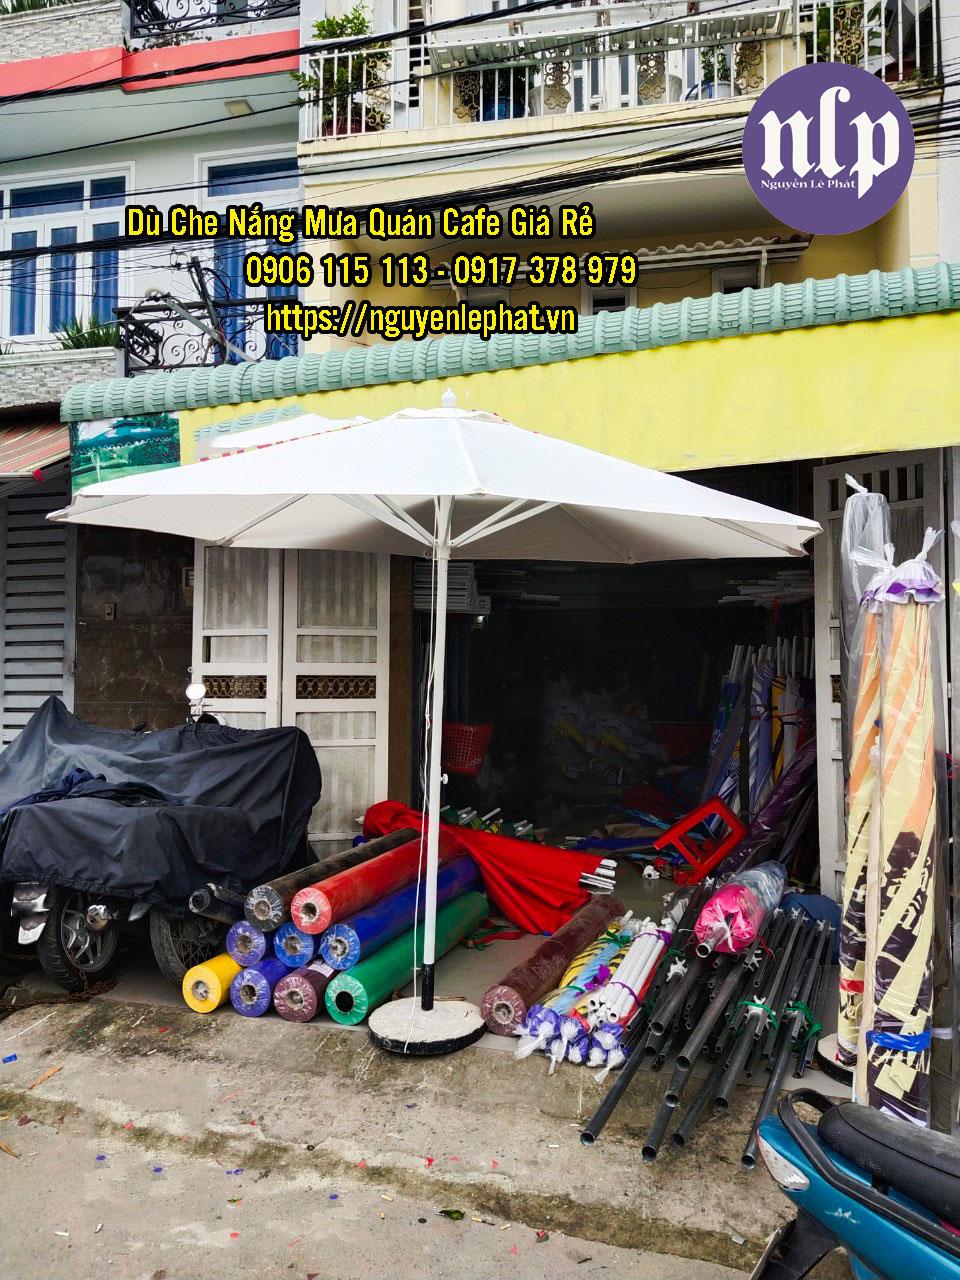 Bảng Giá Bán Dù Che Nắng Mưa Ngoài Trời Mới Uy Tín 2021